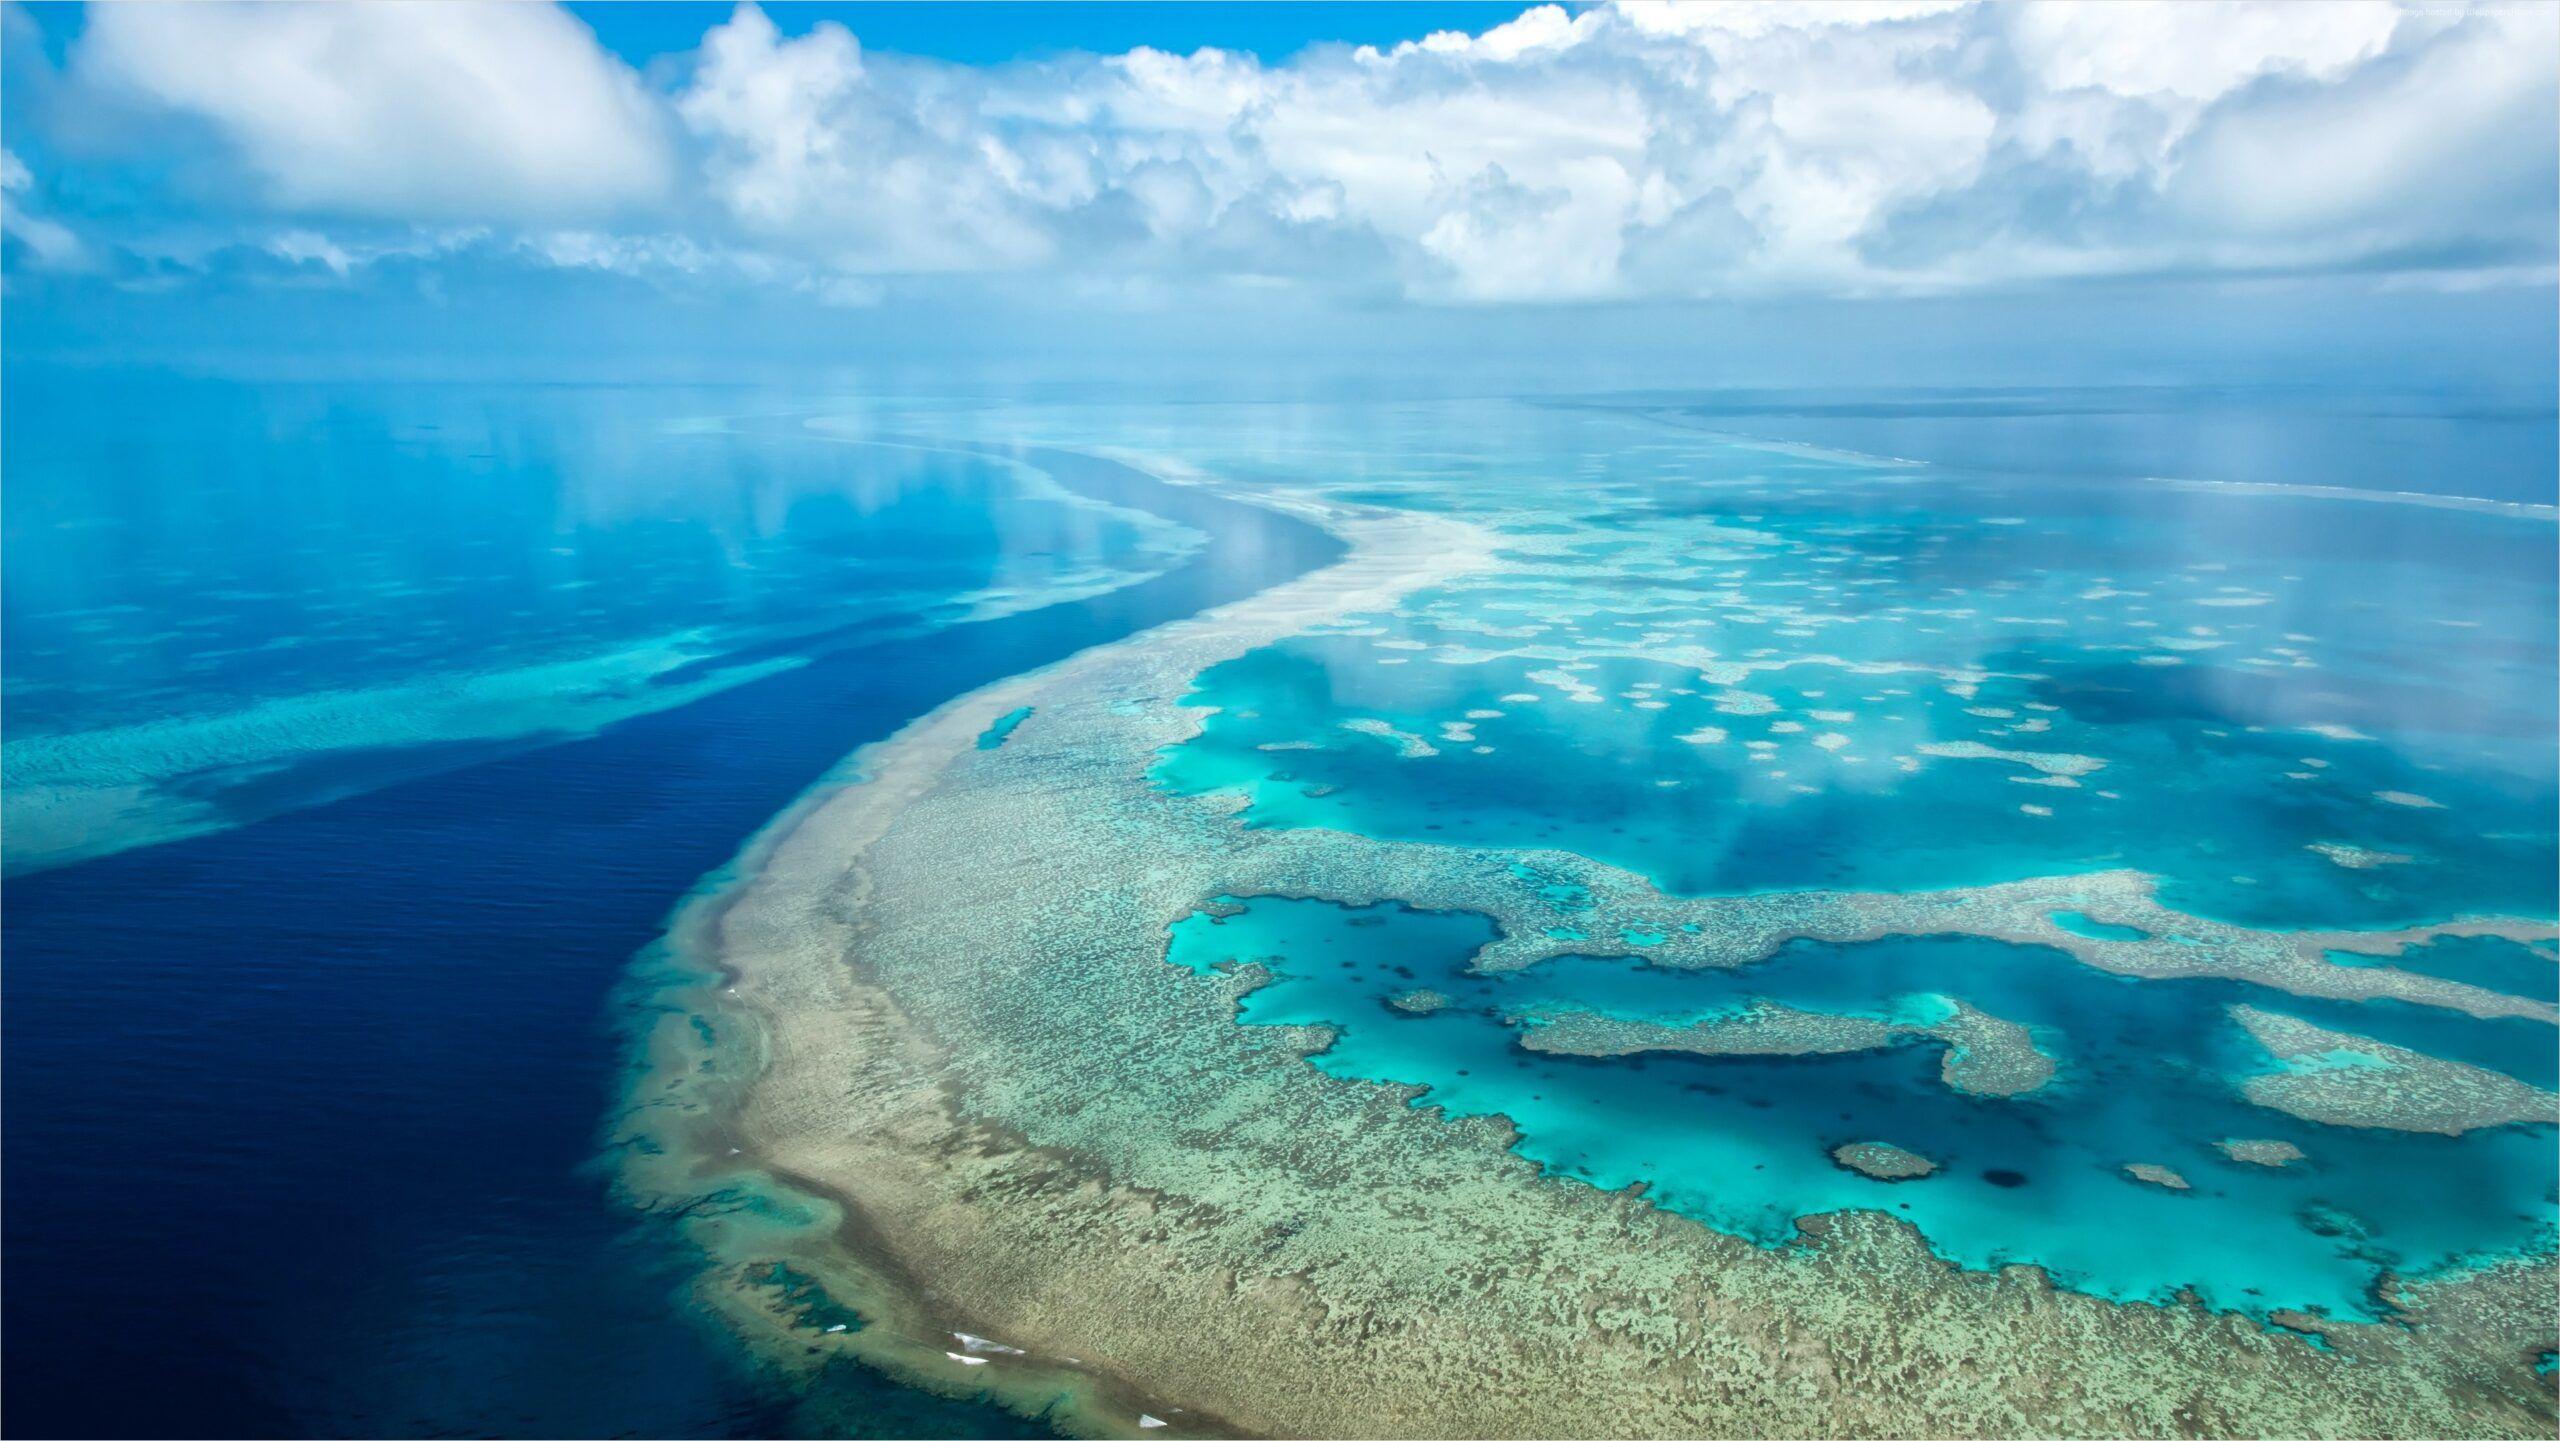 4k Open Ocean Wallpapers In 2020 Ocean Wallpaper Nature Pictures Live Wallpapers